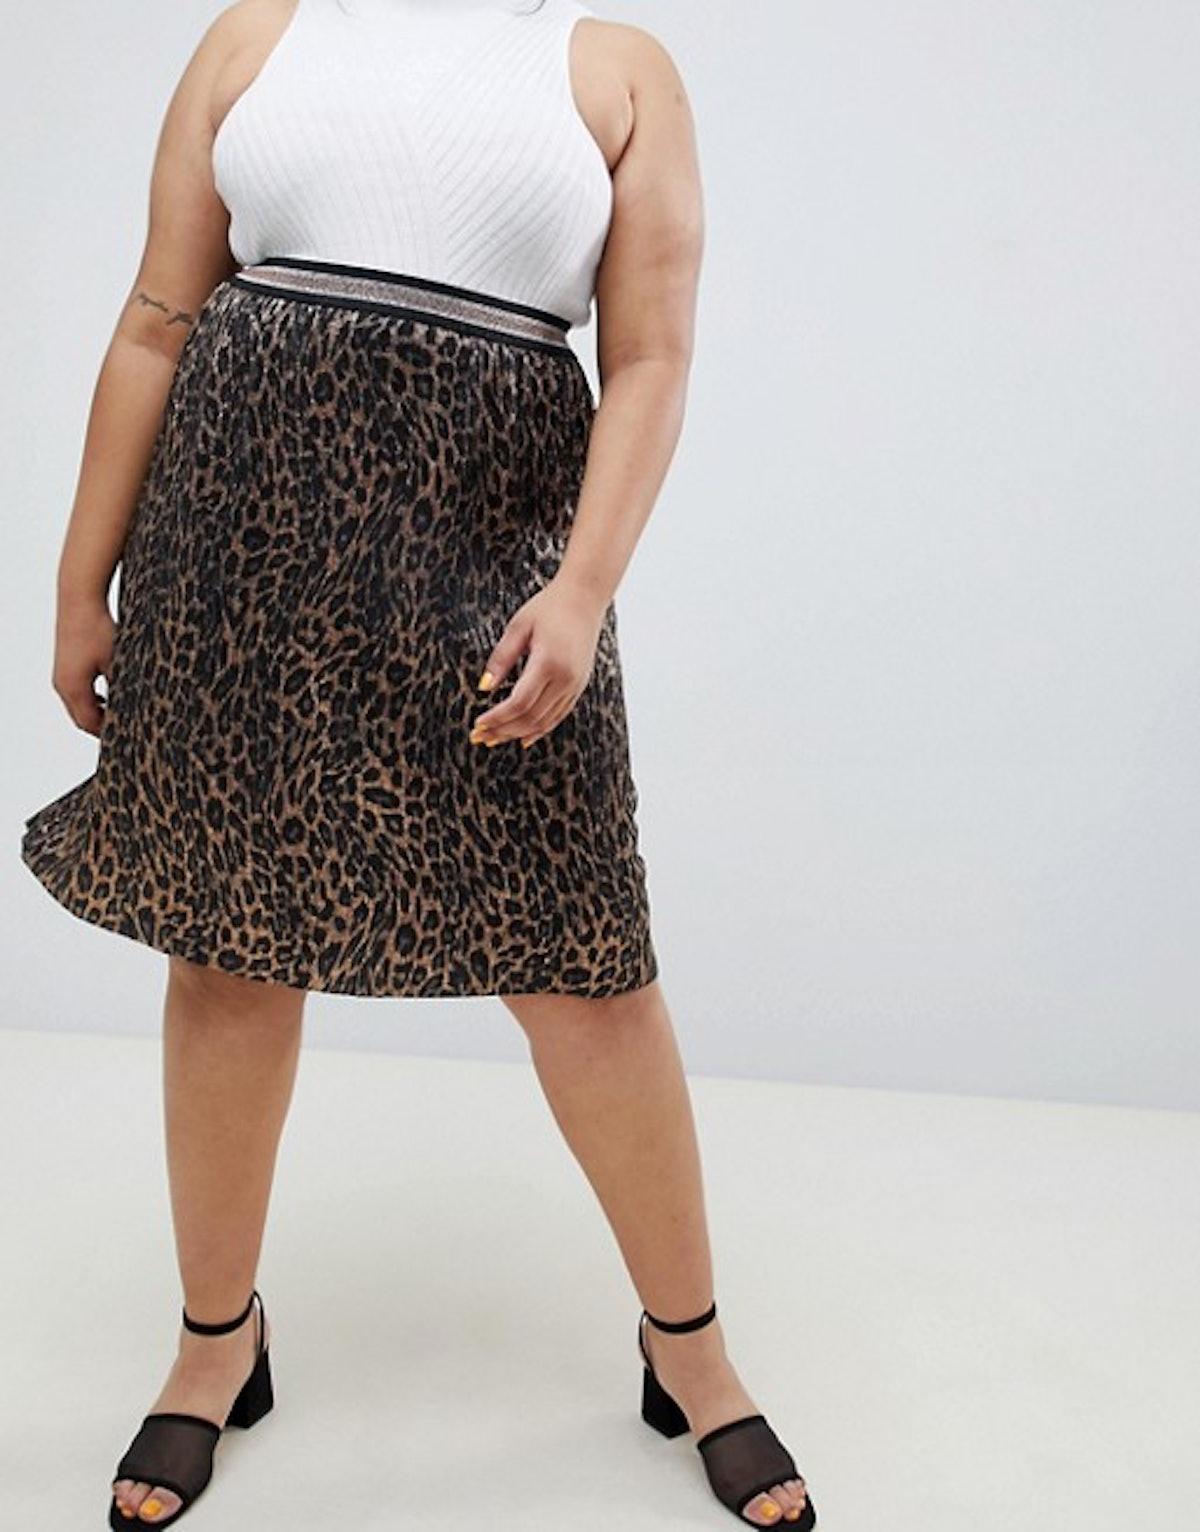 Animal Printed Pleated Skirt